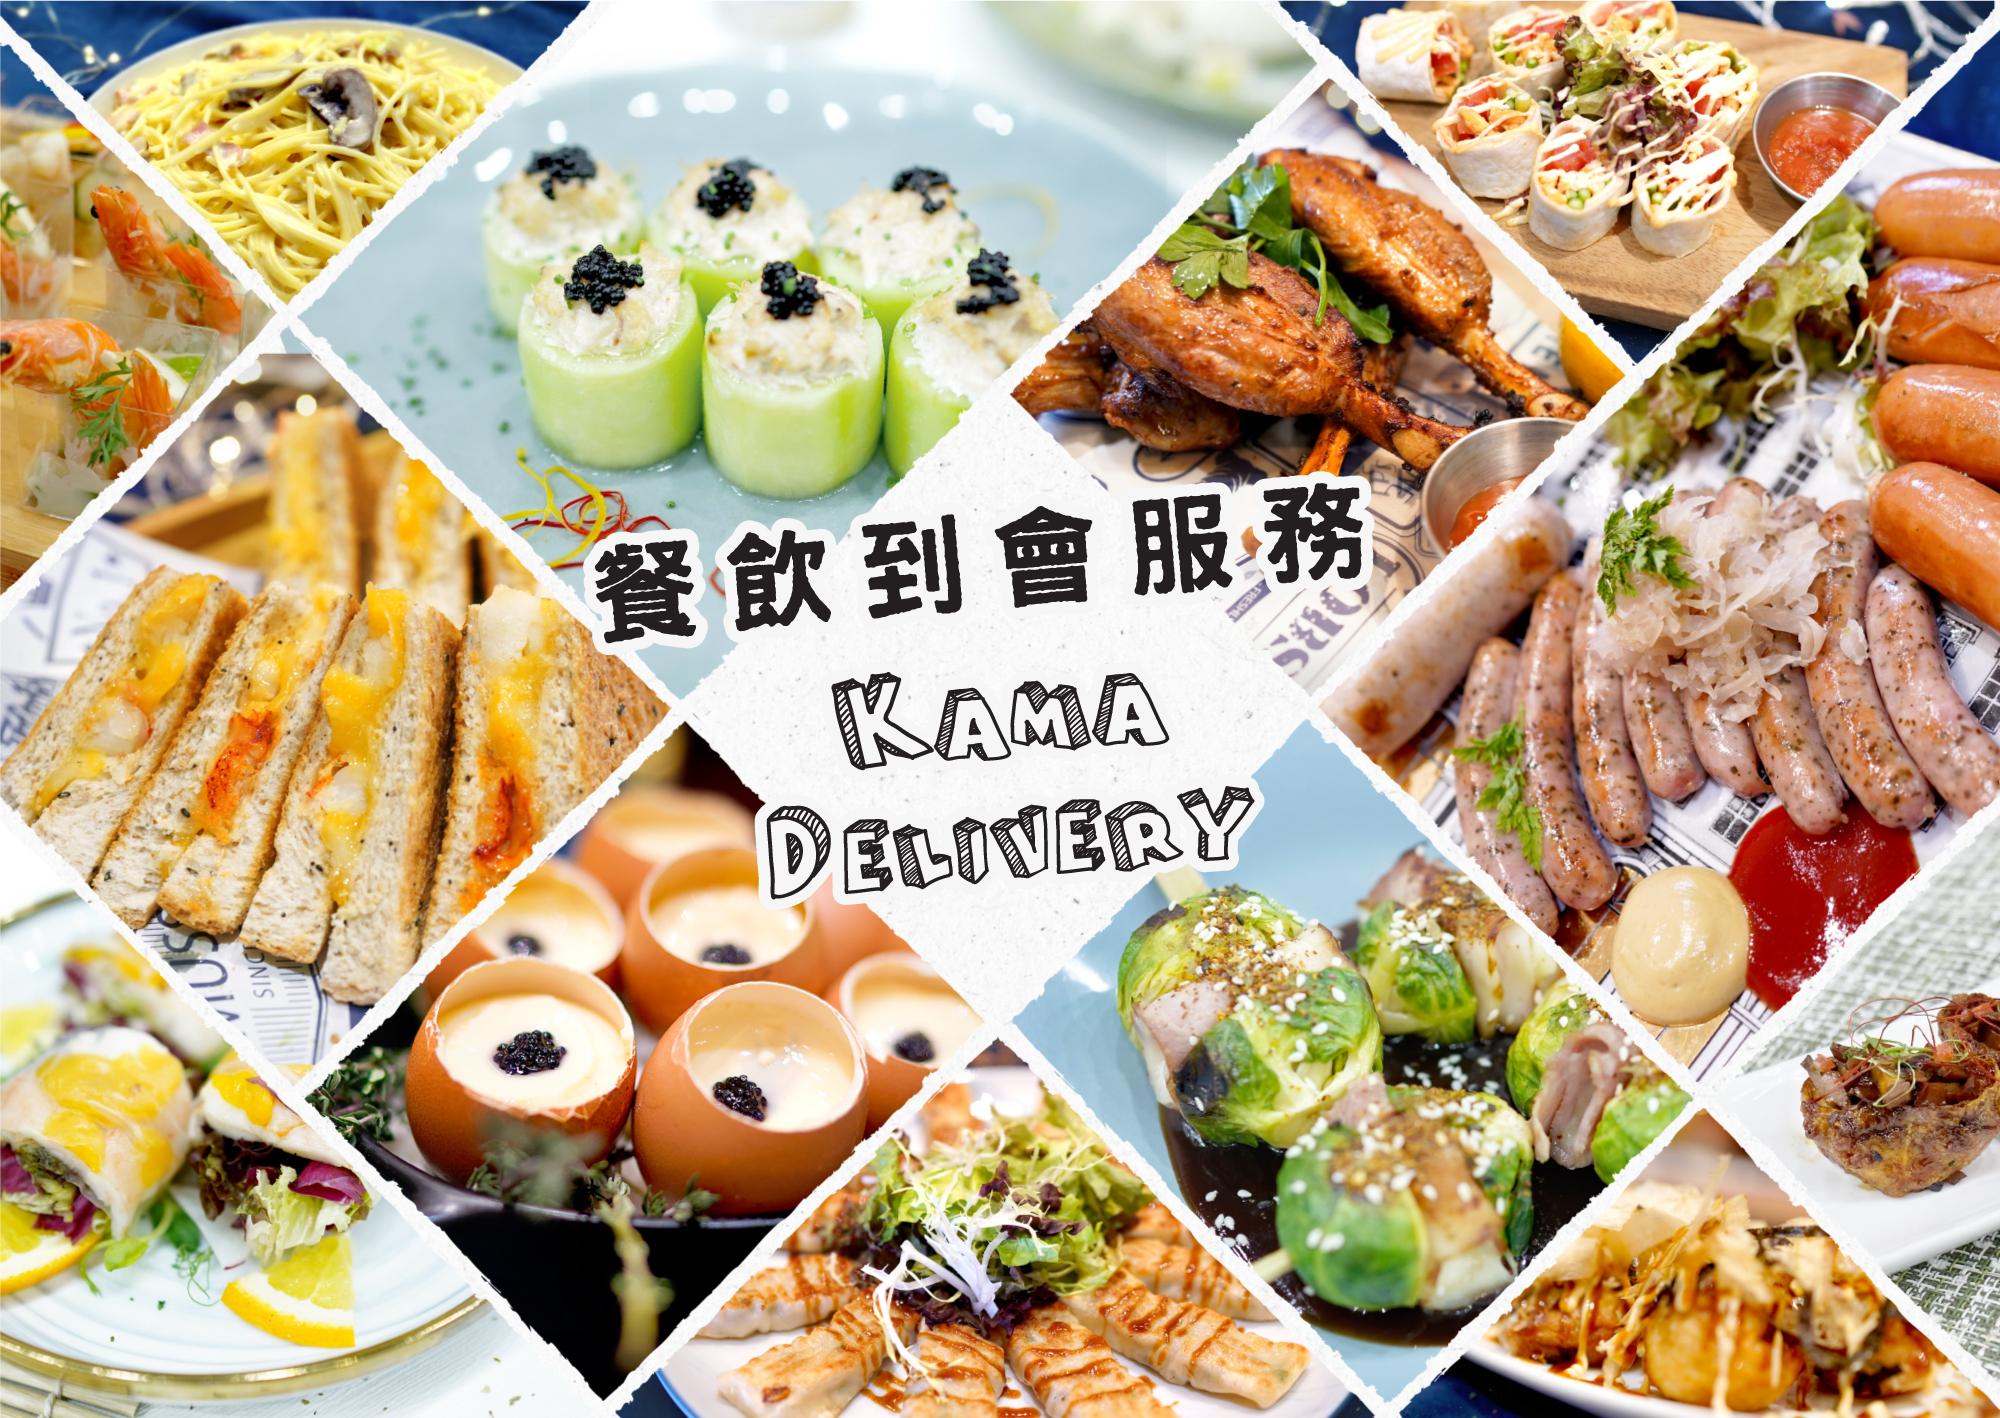 餐飲到會服務.推介首選|Kama Delivery美食到會外賣服務提供環球菜式配上優質食材,提供沙律、派對小食、主菜、海鮮、甜品及素食到會等多款主題菜單,每次都新鮮制作,而且嚴格監控食物衛生品質,絕對放心食用!